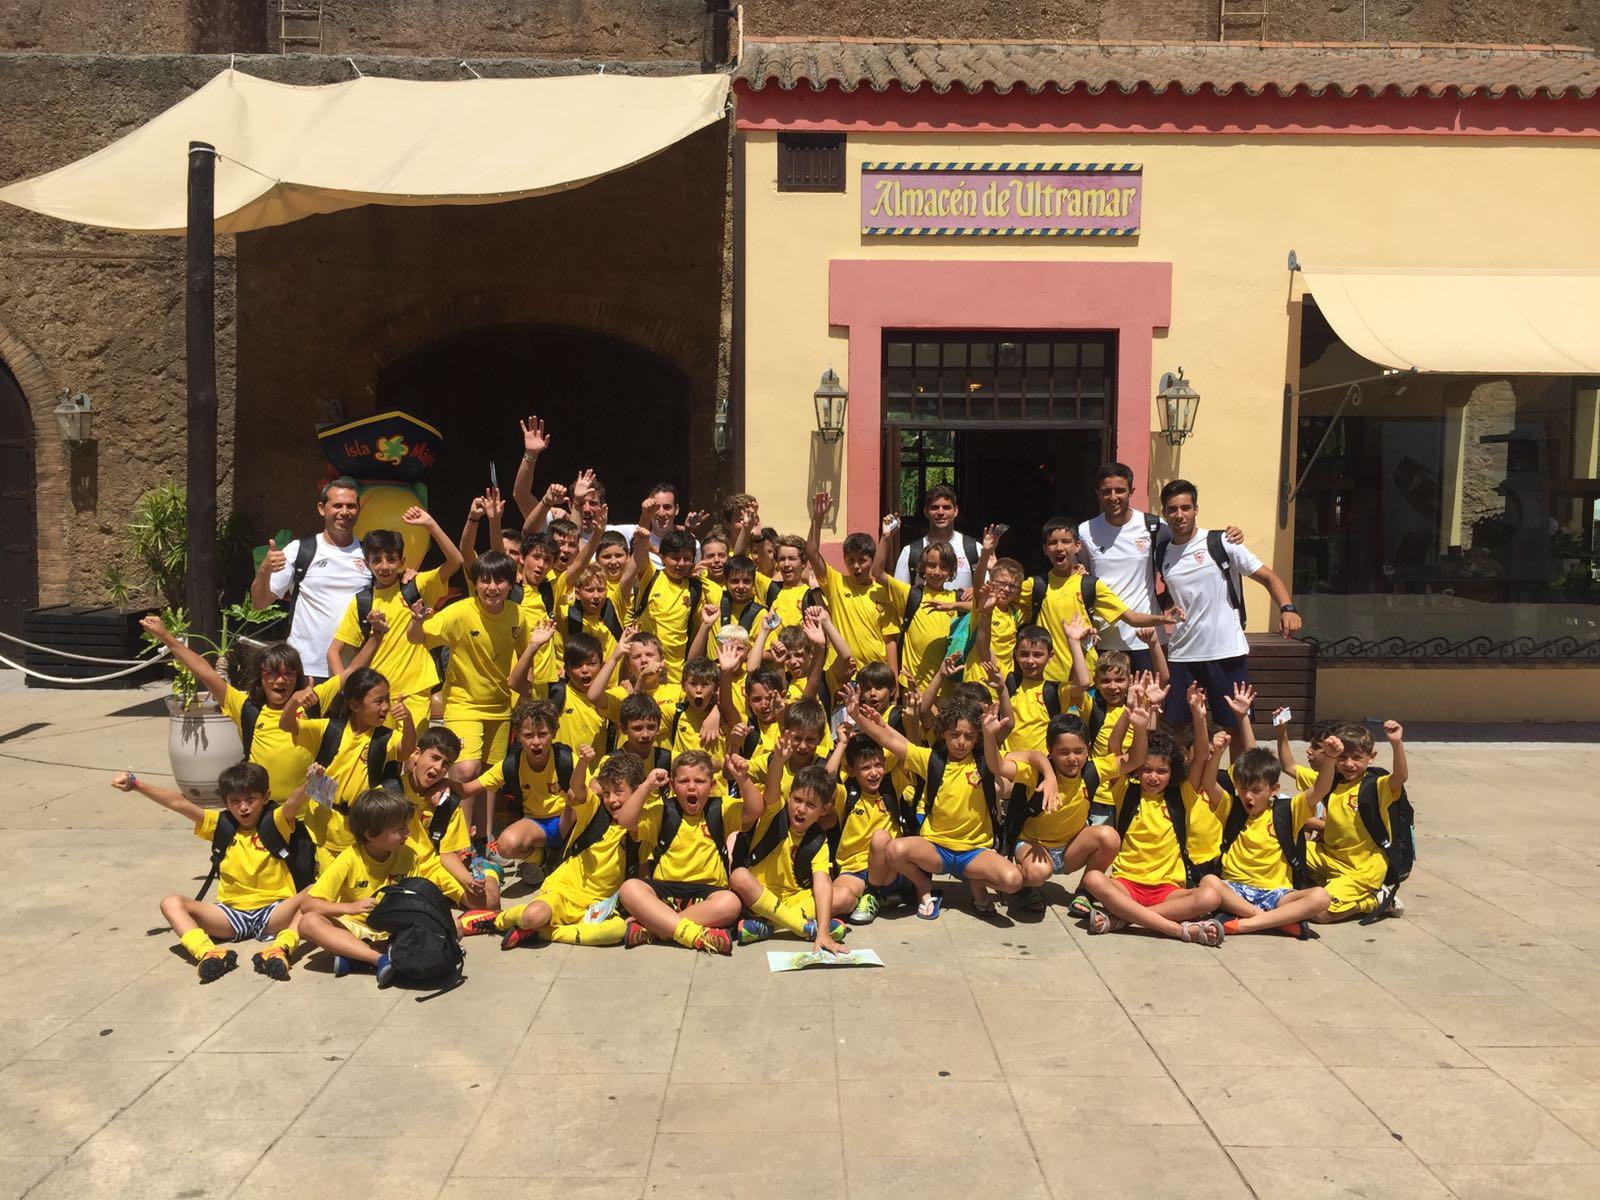 Los alumnos del campus de verano en Isla Mágica